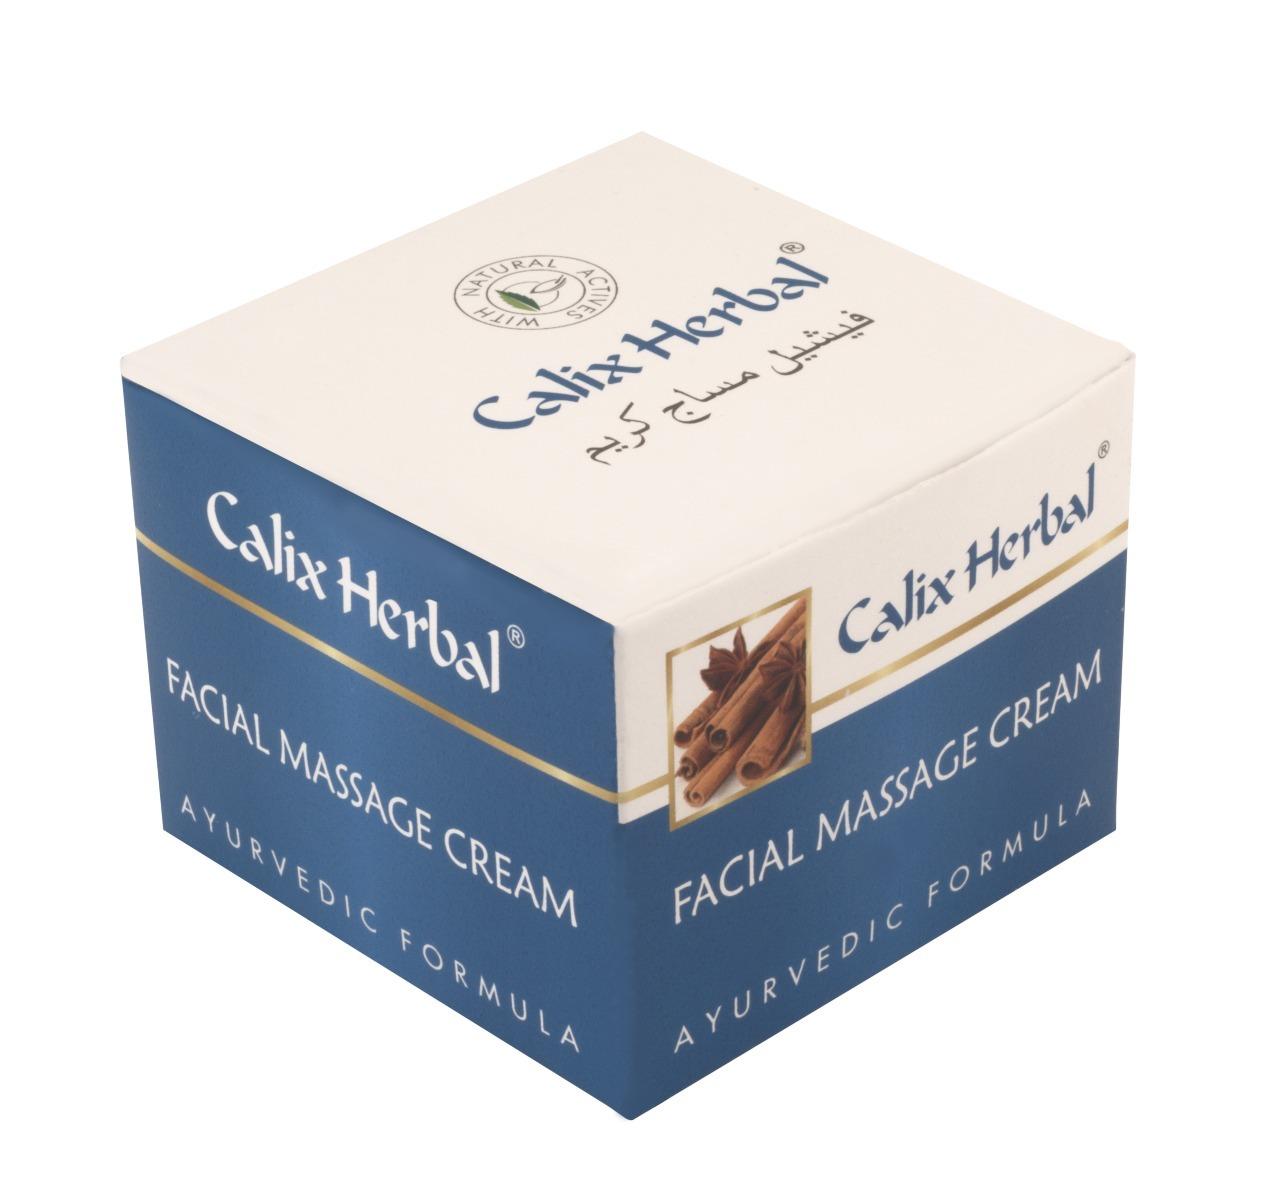 Facial Massage Cream